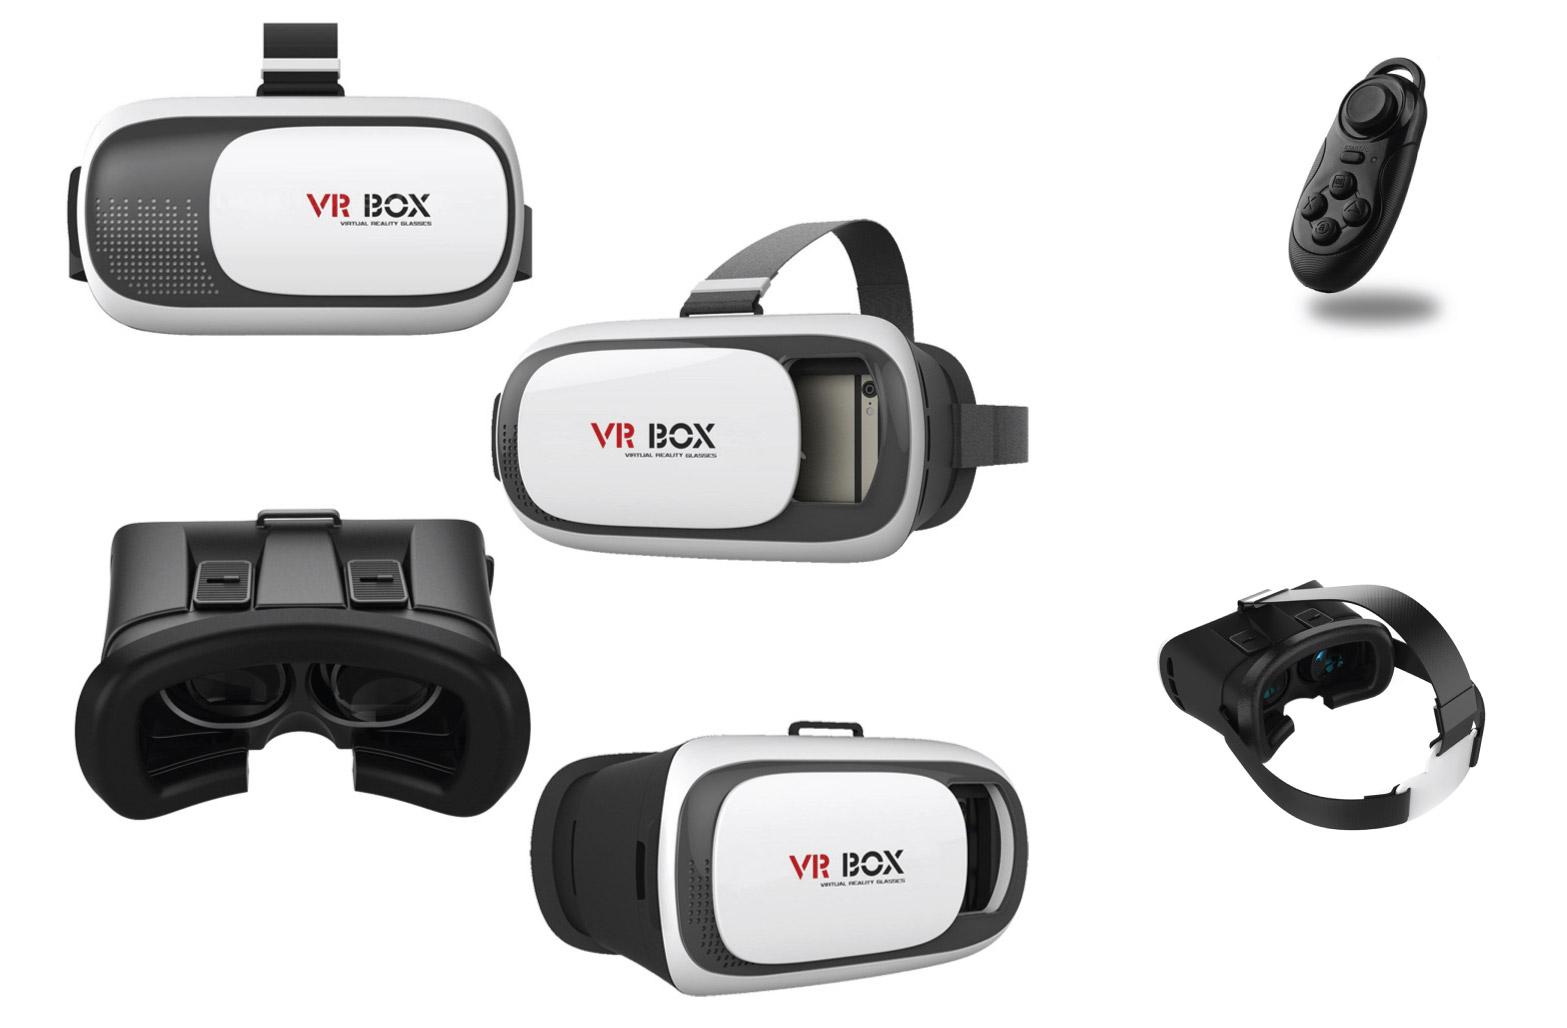 очки виртуальной реальности VR Box 2  купить в Москве и Санкт ... fb54f73aae76d